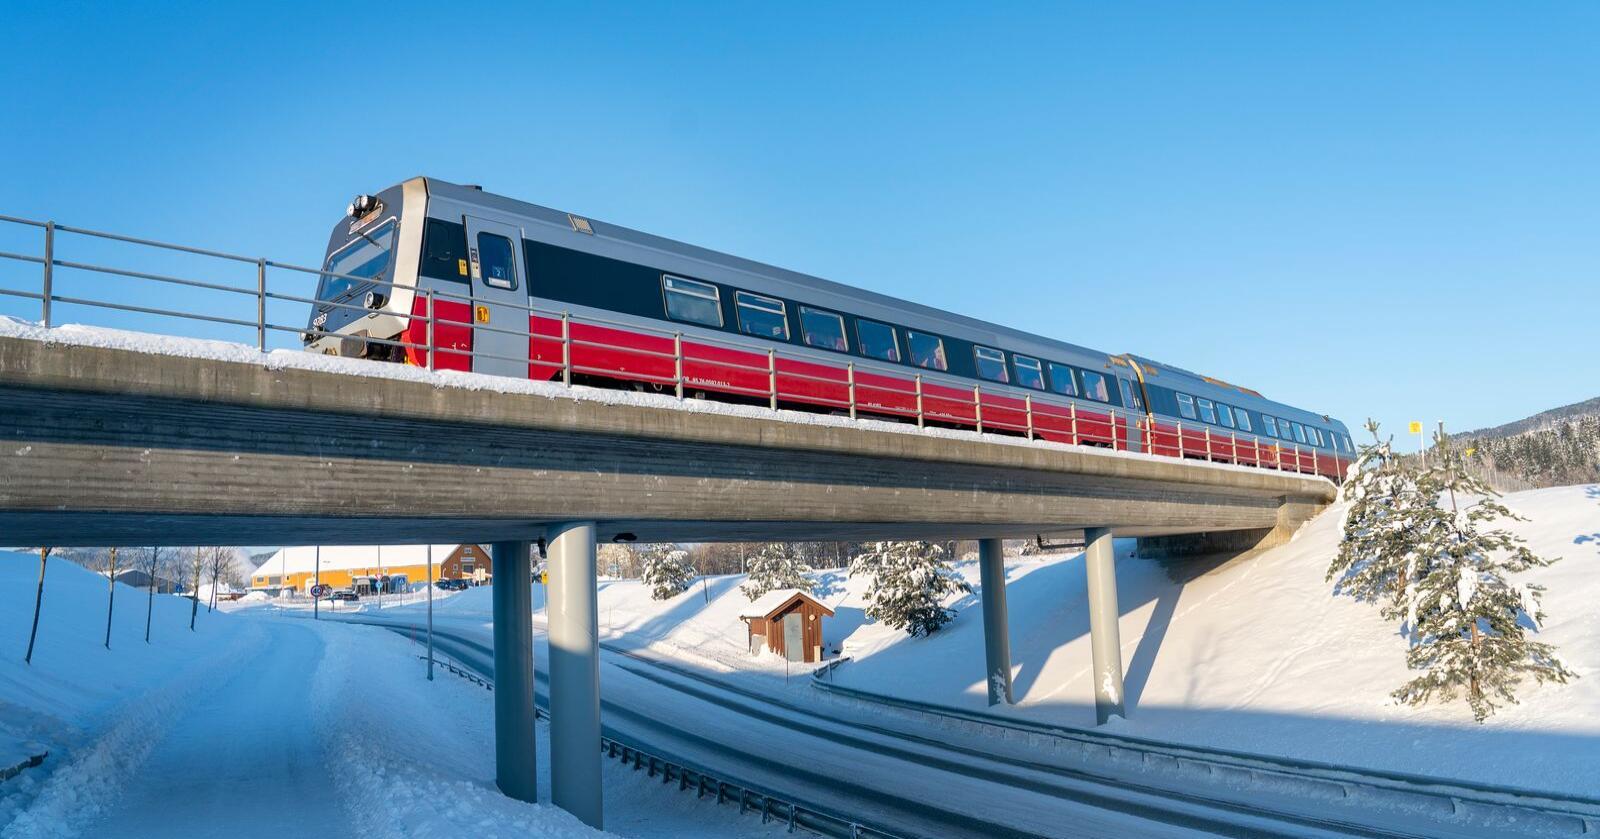 Alminnelig flertall i Stortinget er nok til å slutte seg til EUs fjerde jernbanepakke, fastslår Høyesterett. Illustrasjonsfoto: Gorm Kallestad / NTB